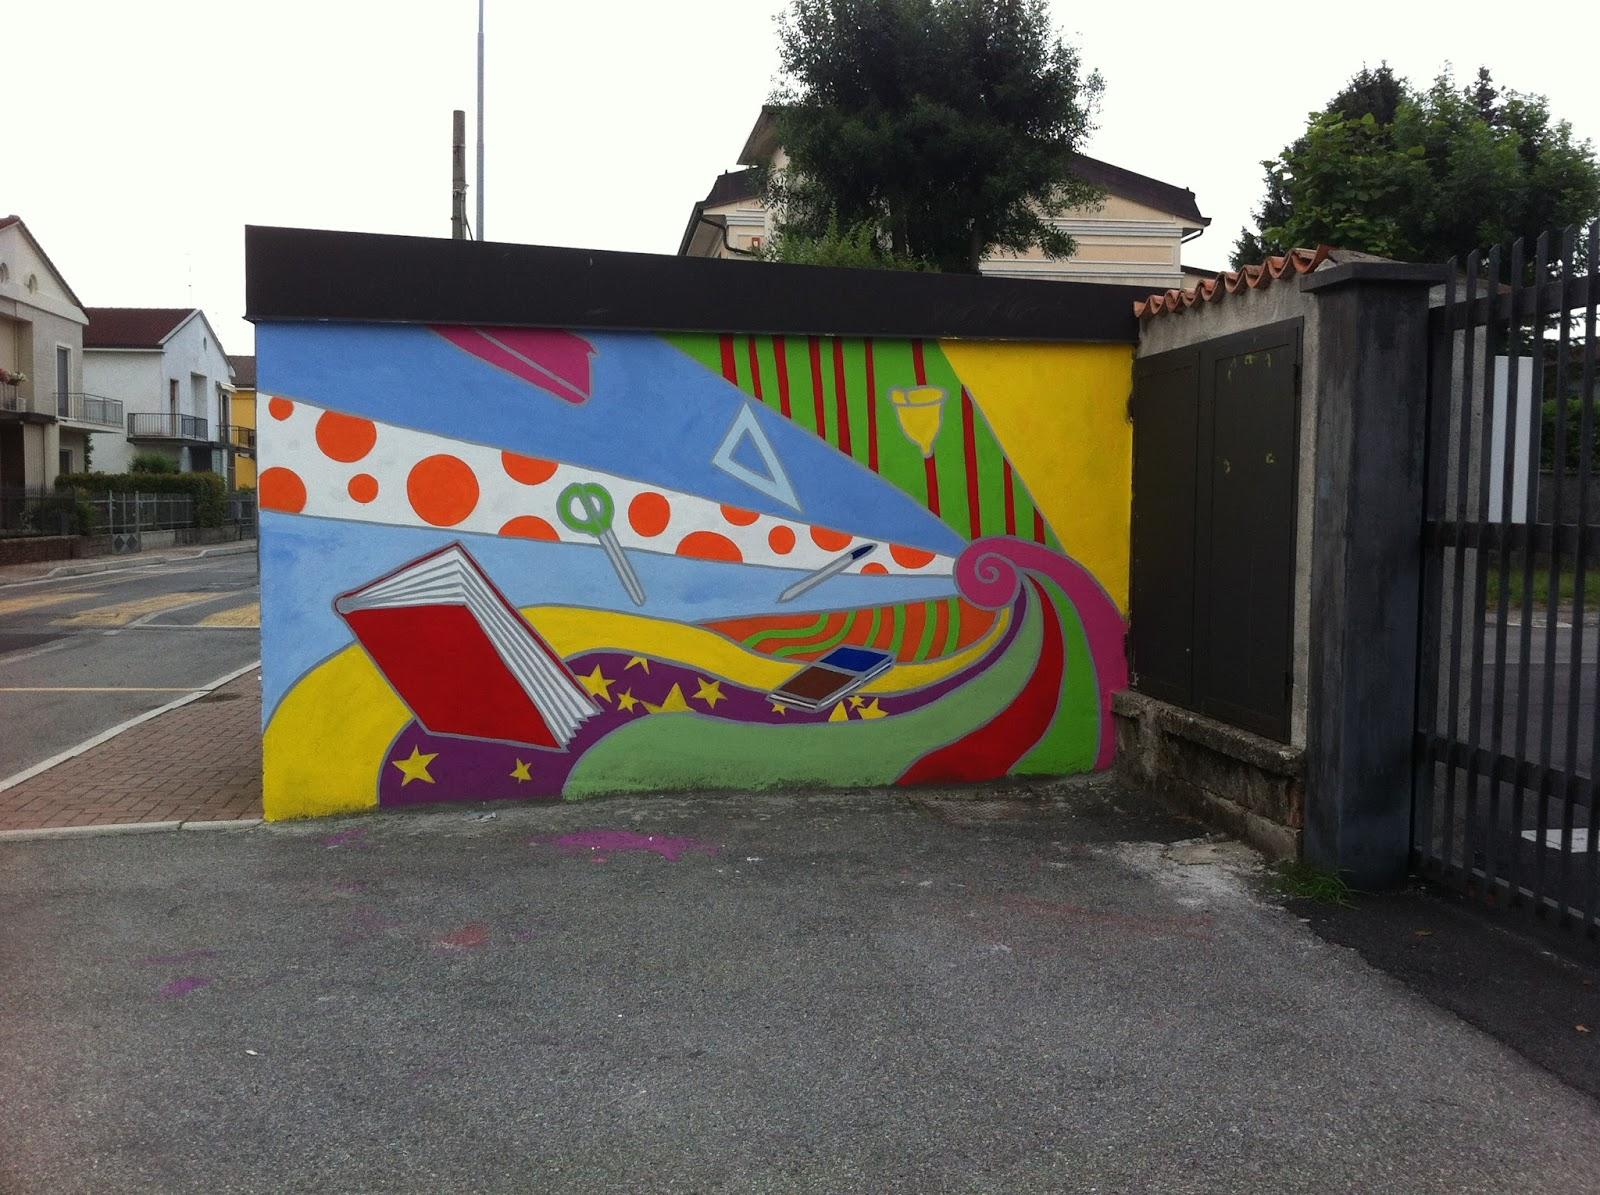 Popolare Murales - Scuola Media di Borgo San Giacomo | Wunderkammer HX63